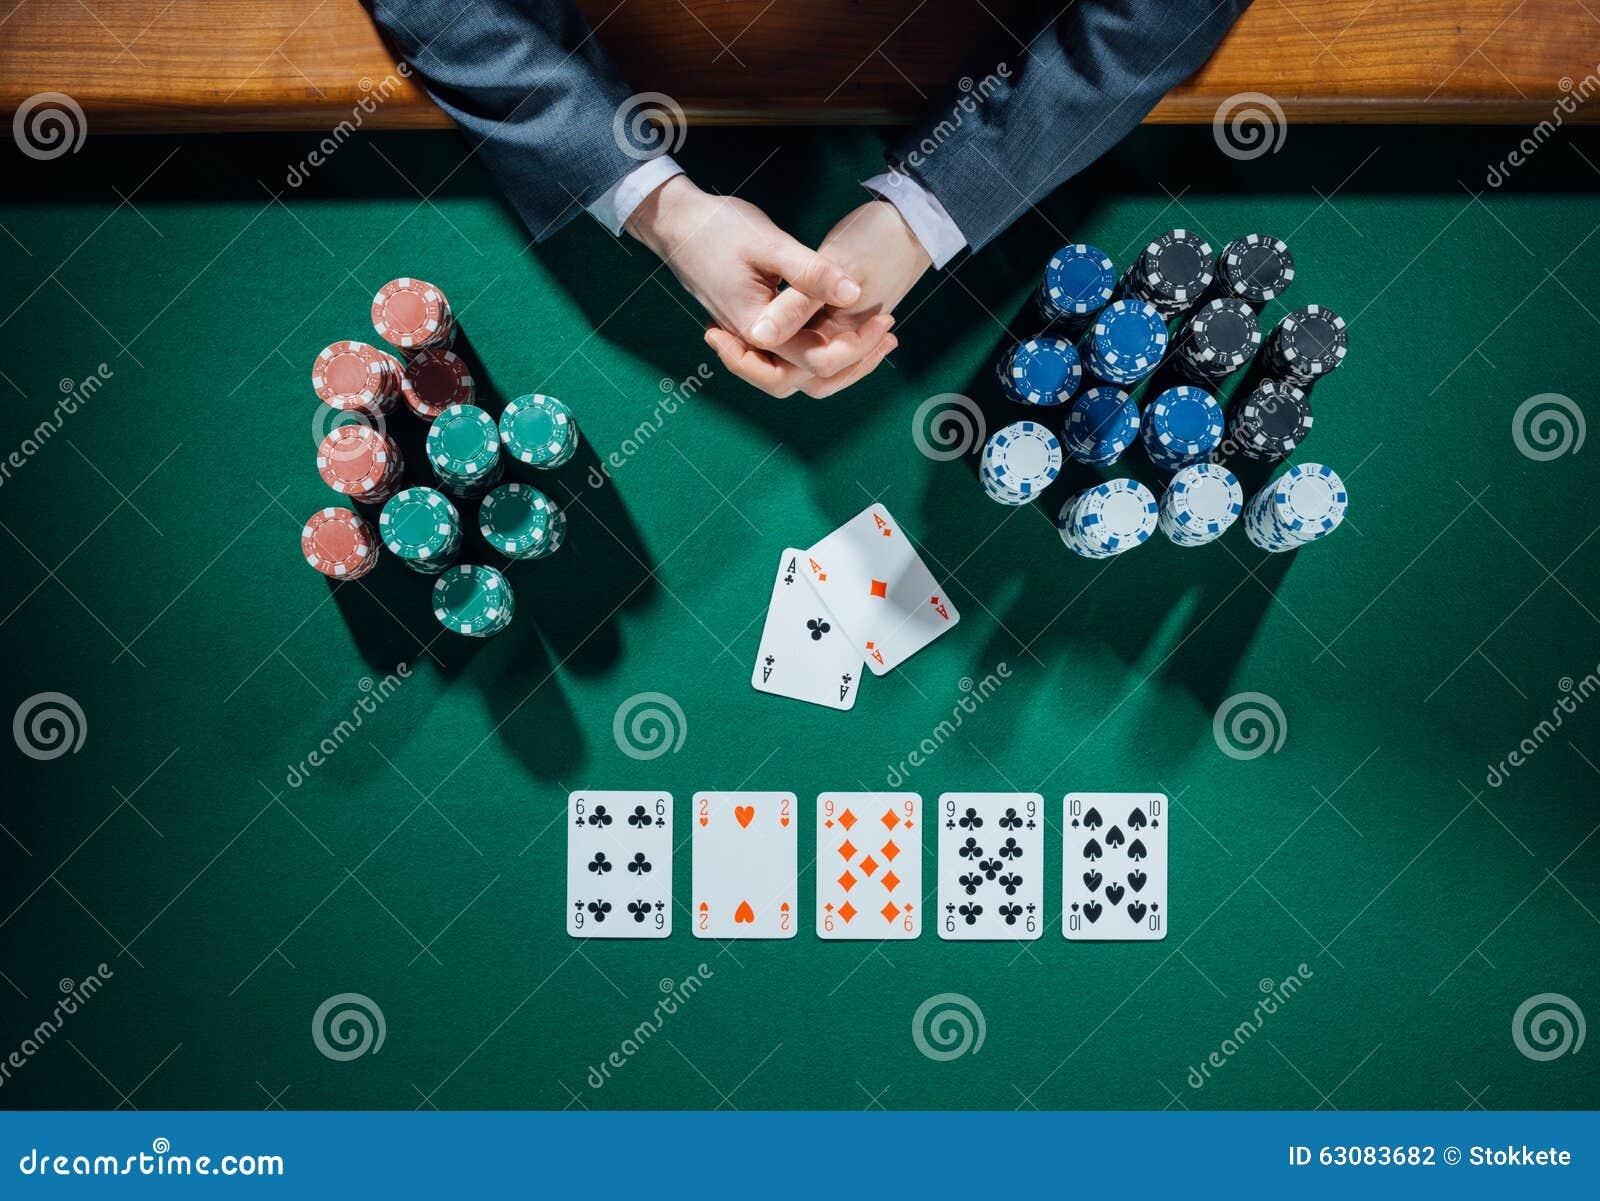 Download Joueur De Poker Avec Des Cartes Et Des Puces Photo stock - Image du luxe, mains: 63083682